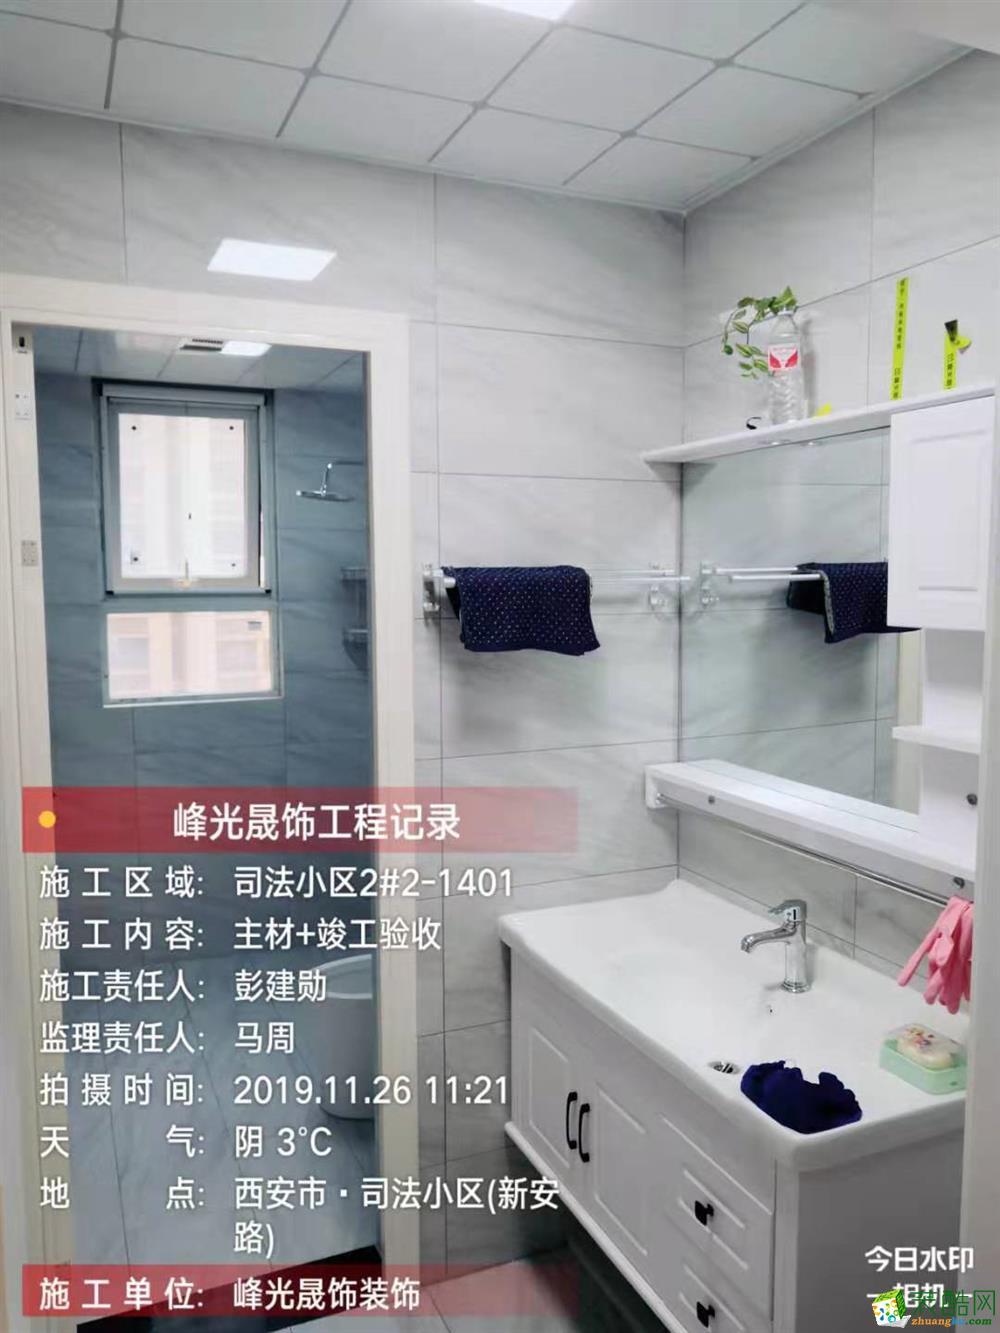 【西安峰光晟饰】司法小区119北欧简约